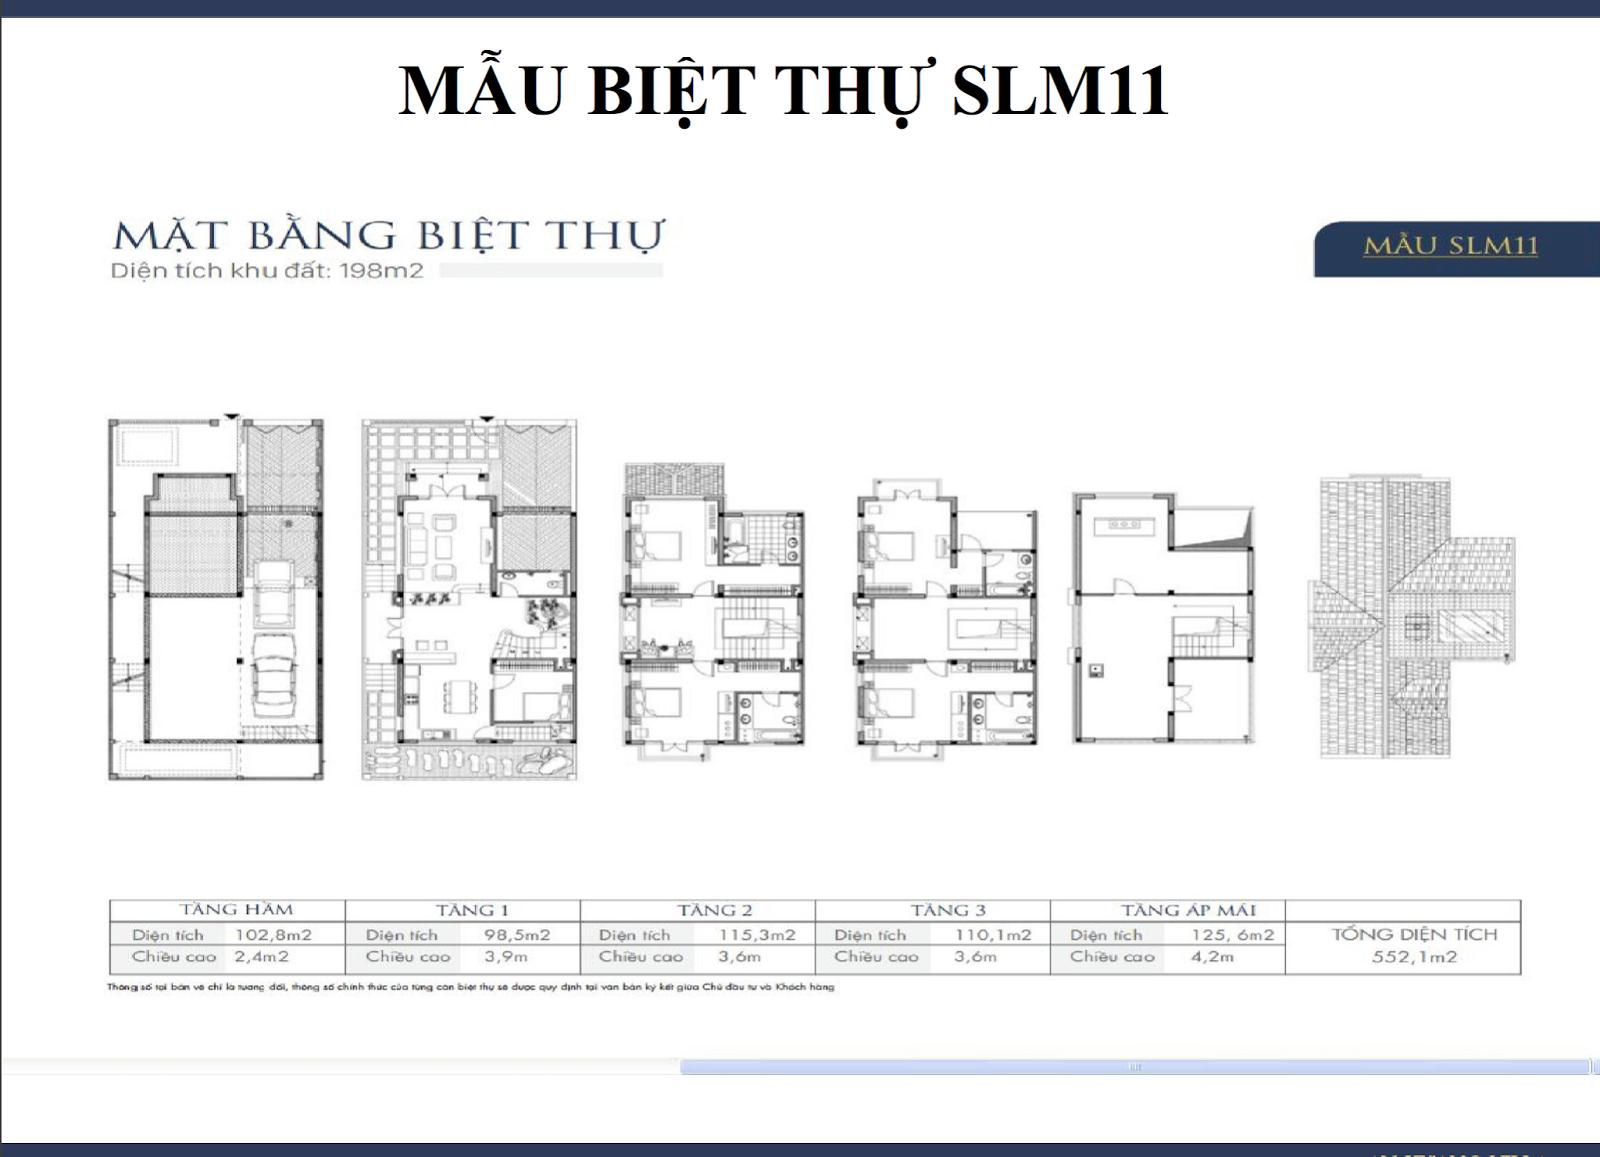 Mẫu biệt thự Nam Cường Dương Nội SLM11